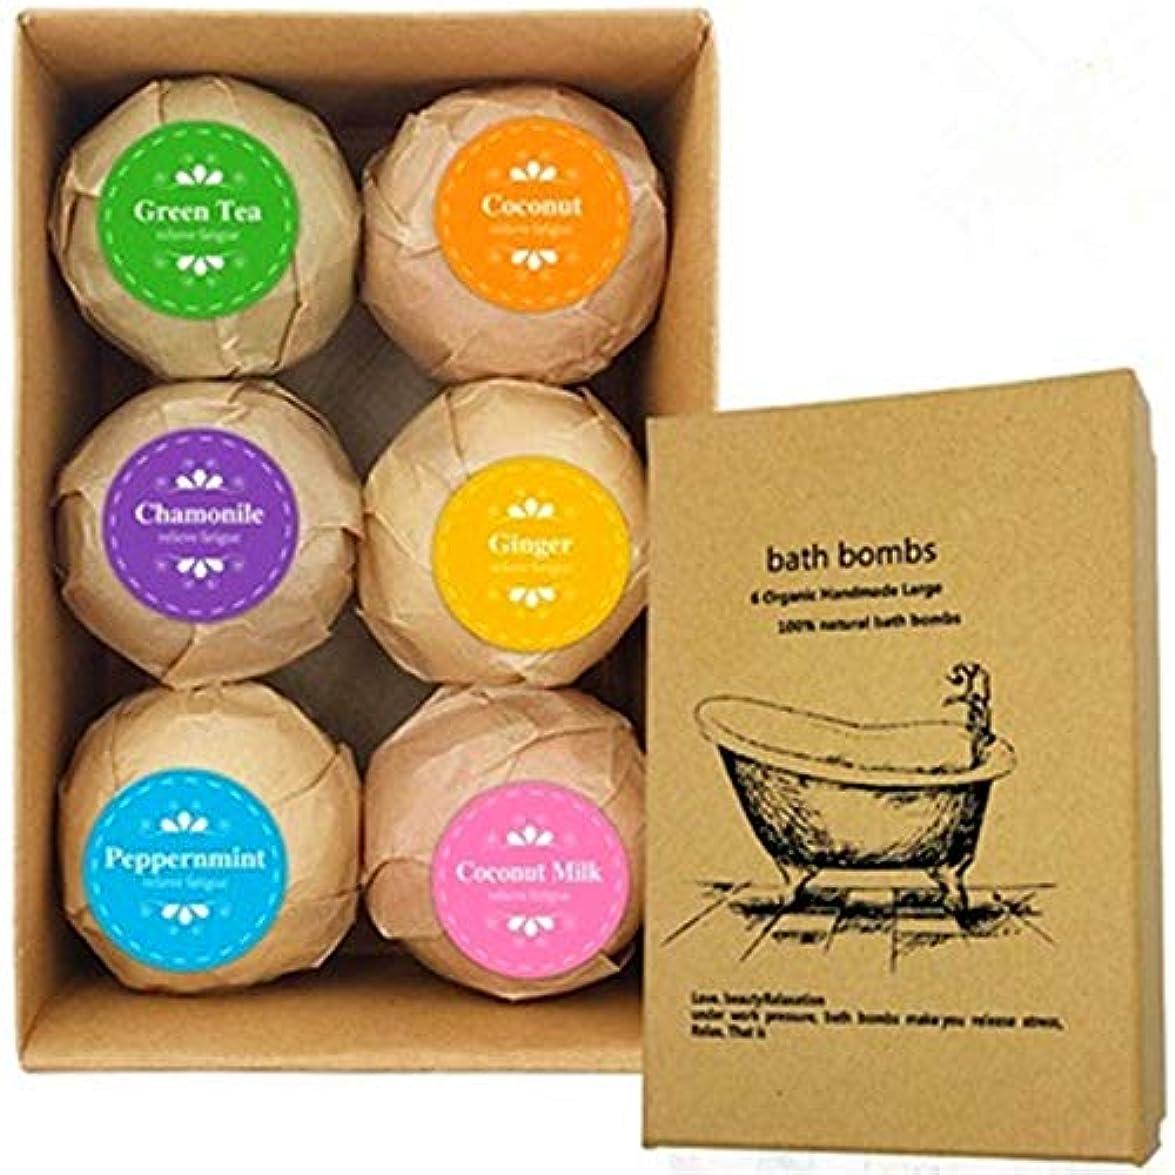 再編成する流用する内向きバスボム 入浴剤 炭酸 バスボール 6つの香り 手作り 入浴料 うるおいプラス お風呂用 入浴剤 ギフトセット6枚 贈り物 プレゼント最適